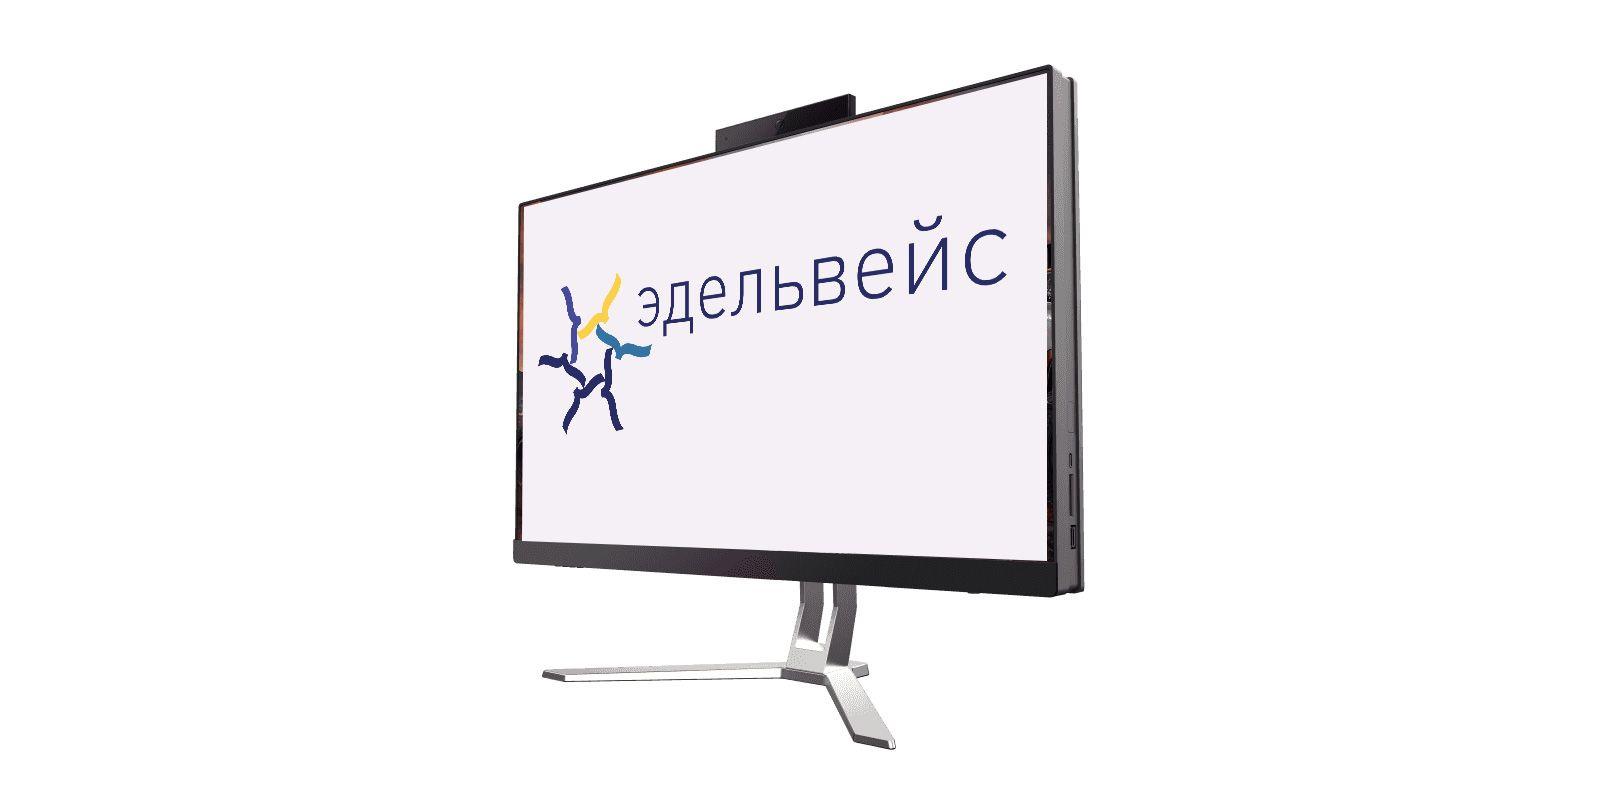 Выпущен российский моноблок «Эдельвейс» с процессором Baikal-M и ОС «Альт»